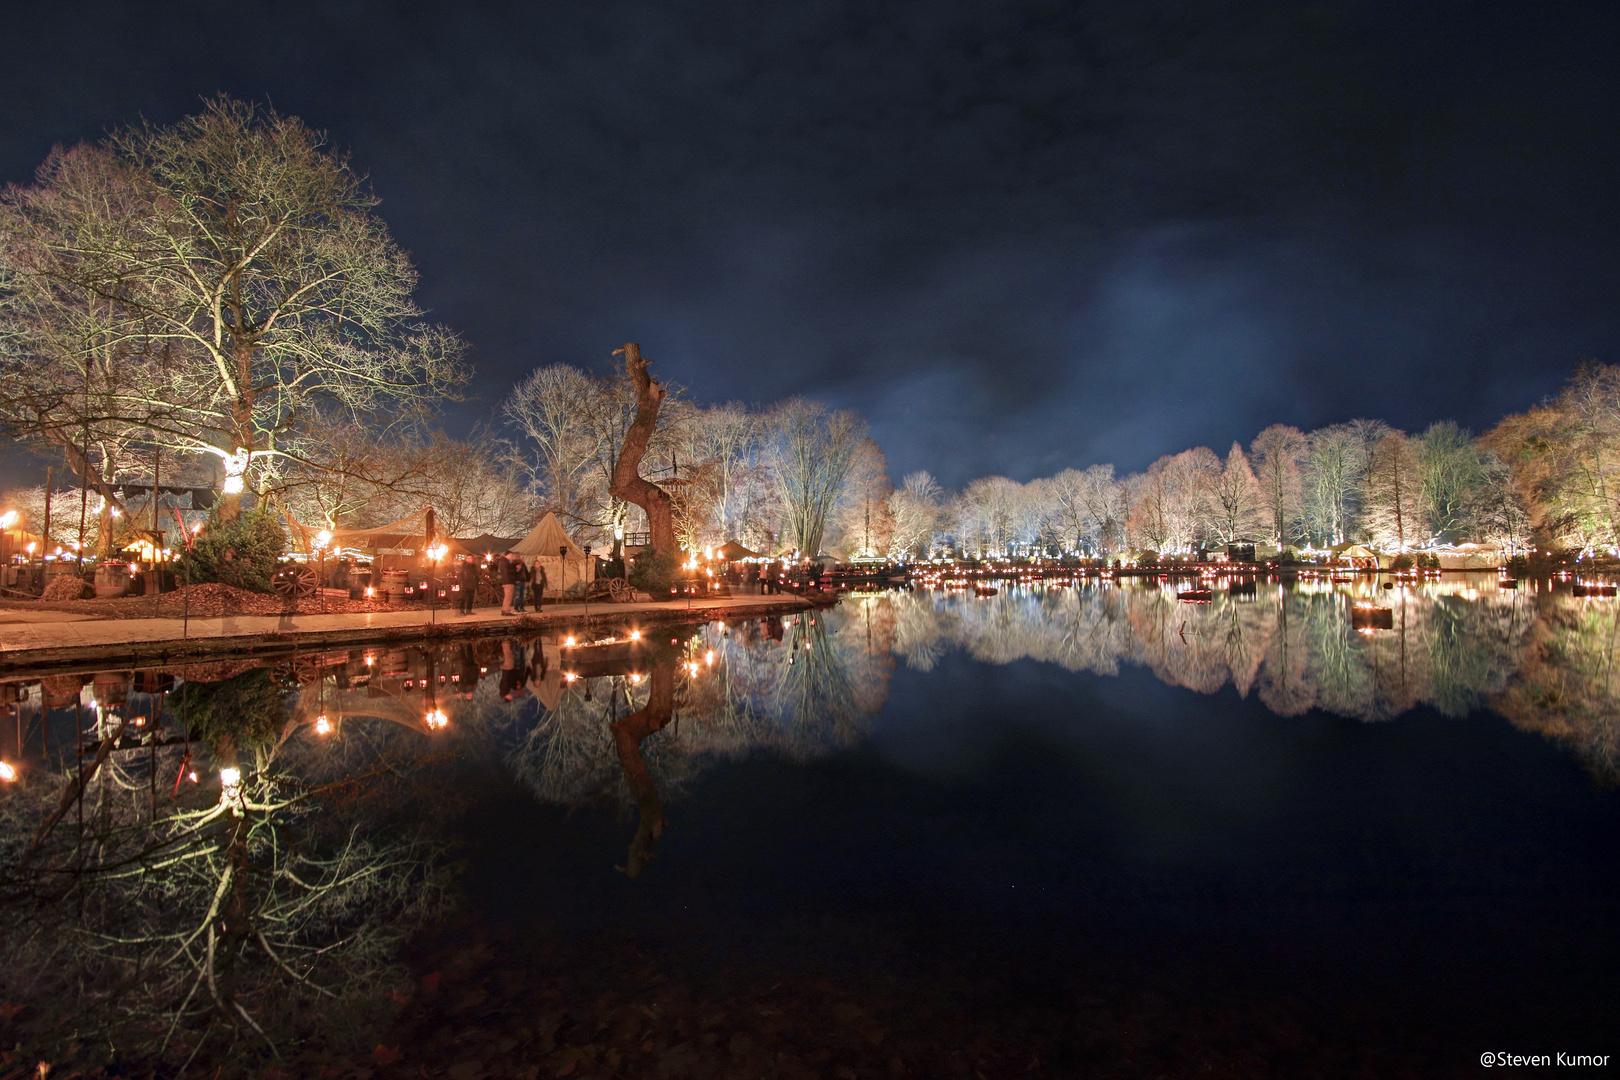 Mittelalterlicher Wintermarkt, am Fredenbaumpark